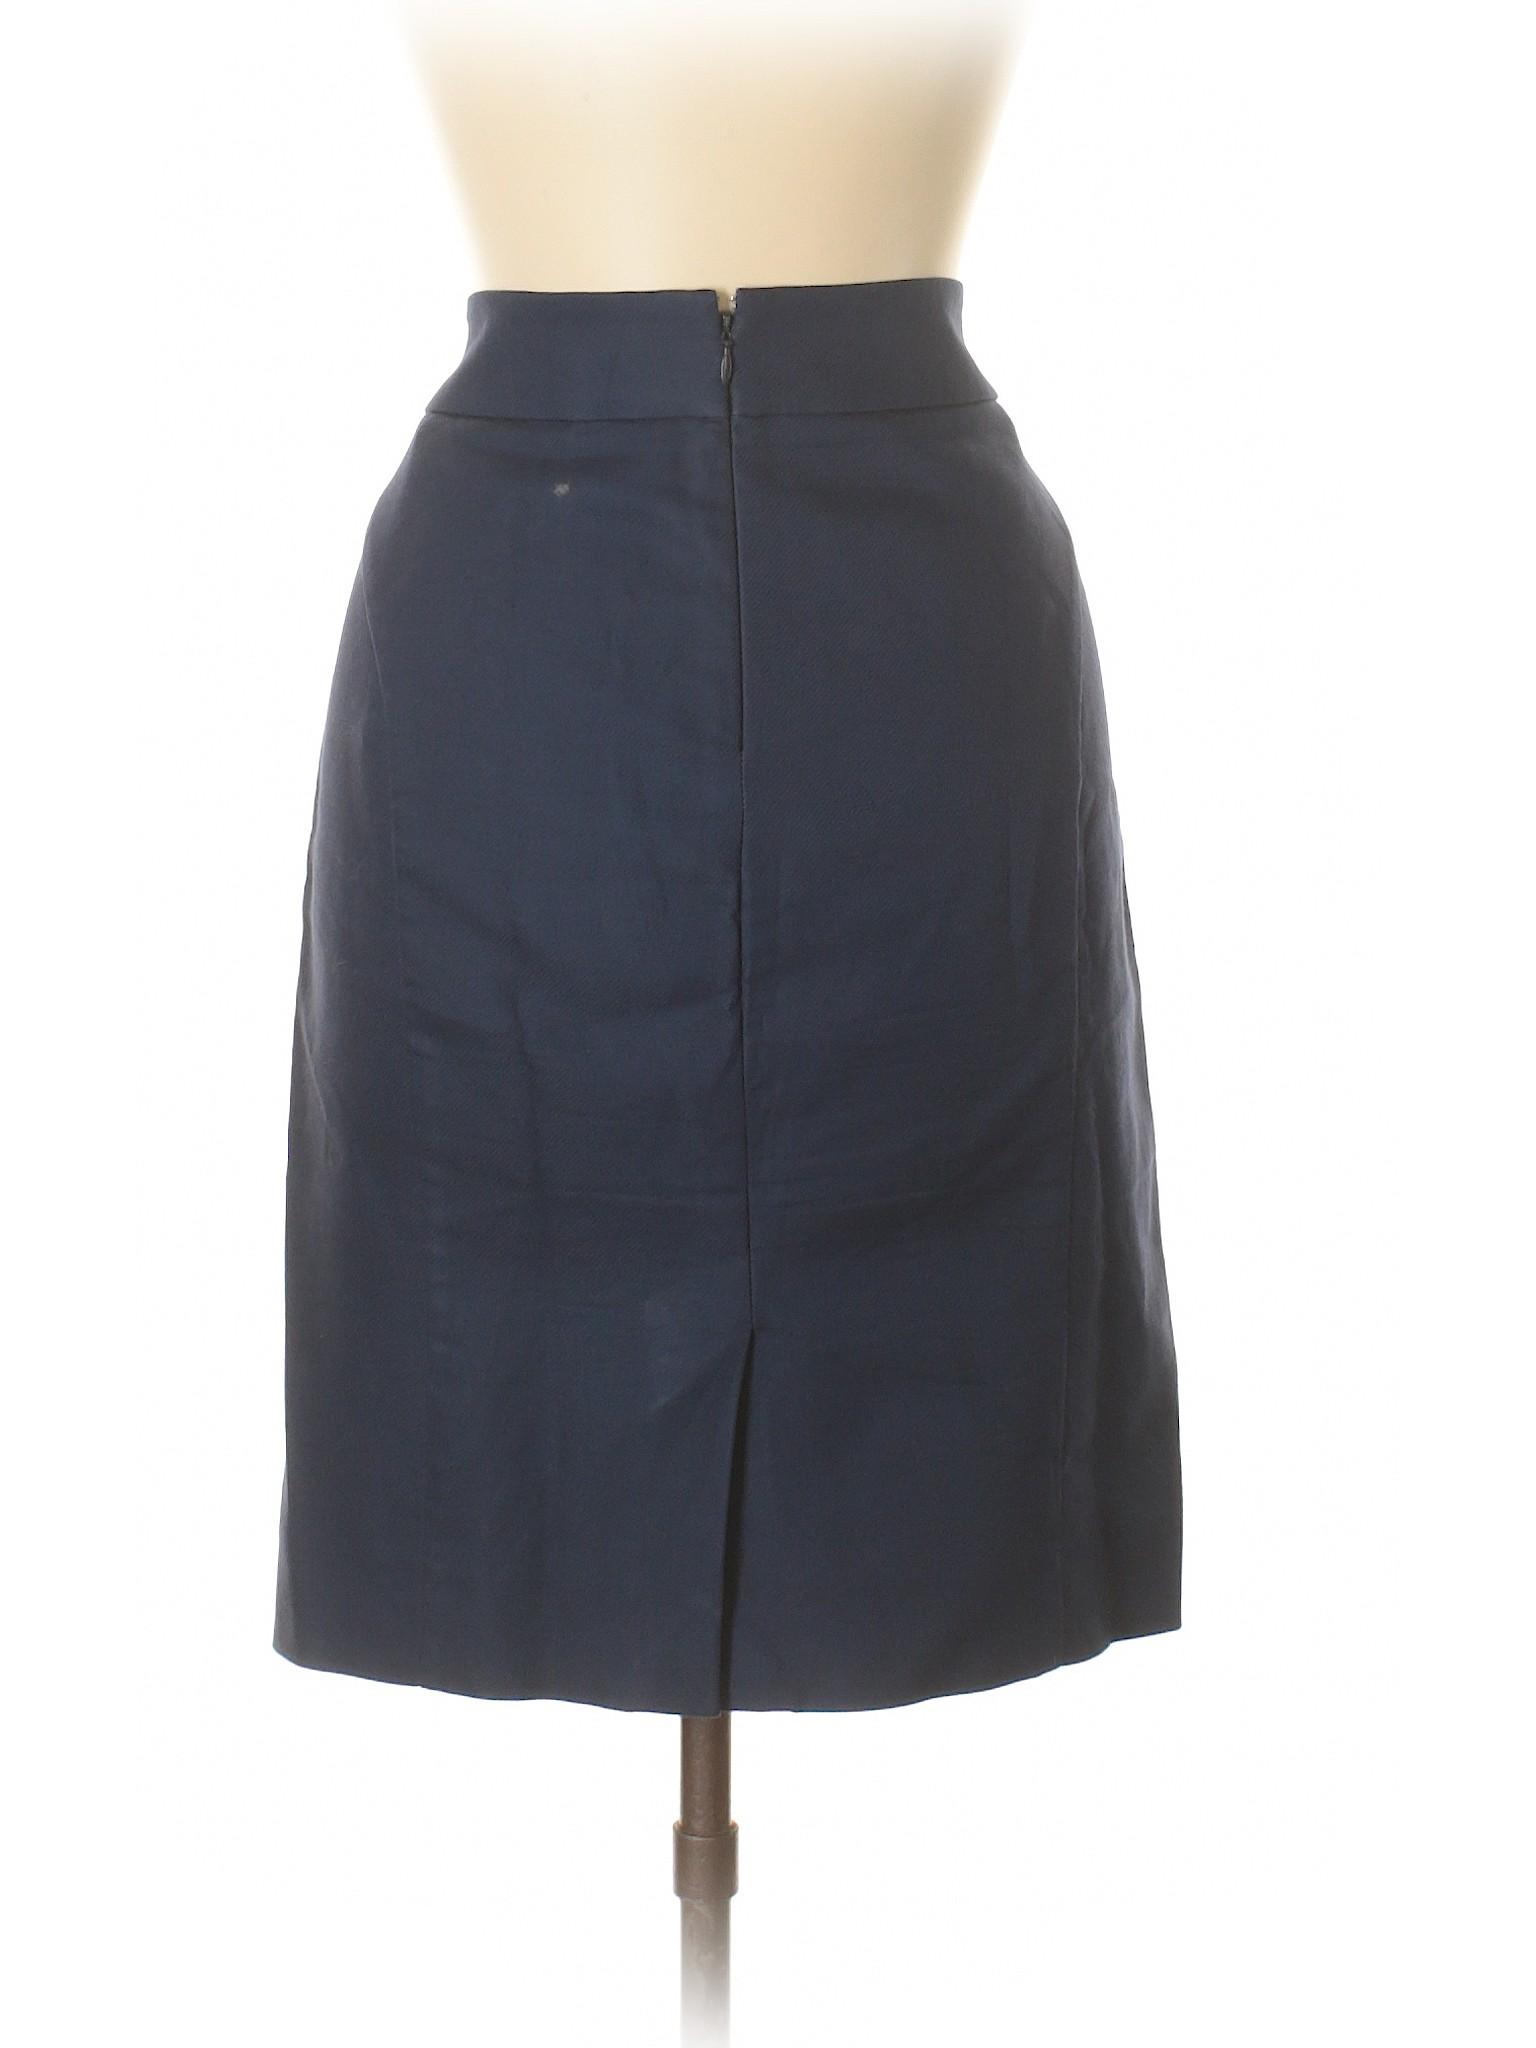 Boutique Casual Boutique Skirt Skirt Boutique Boutique Casual Skirt Casual Boutique Skirt Casual CwIx5xaUq